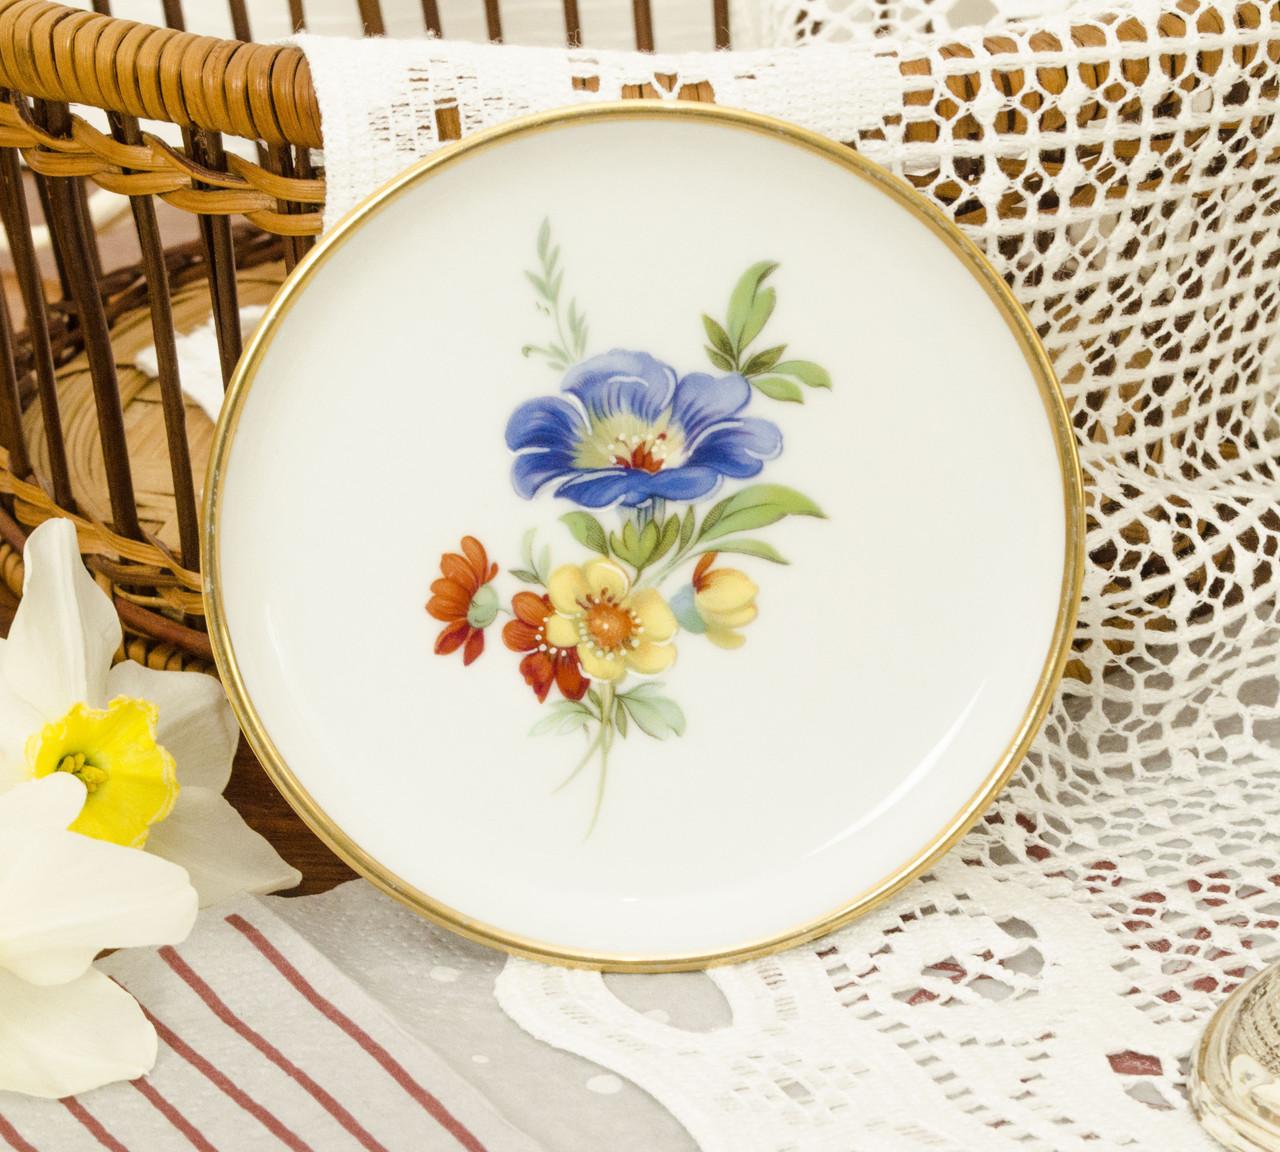 Миниатюрная фарфоровая тарелочка, блюдце для колец, розетка с цветами, Англия, Kaiser